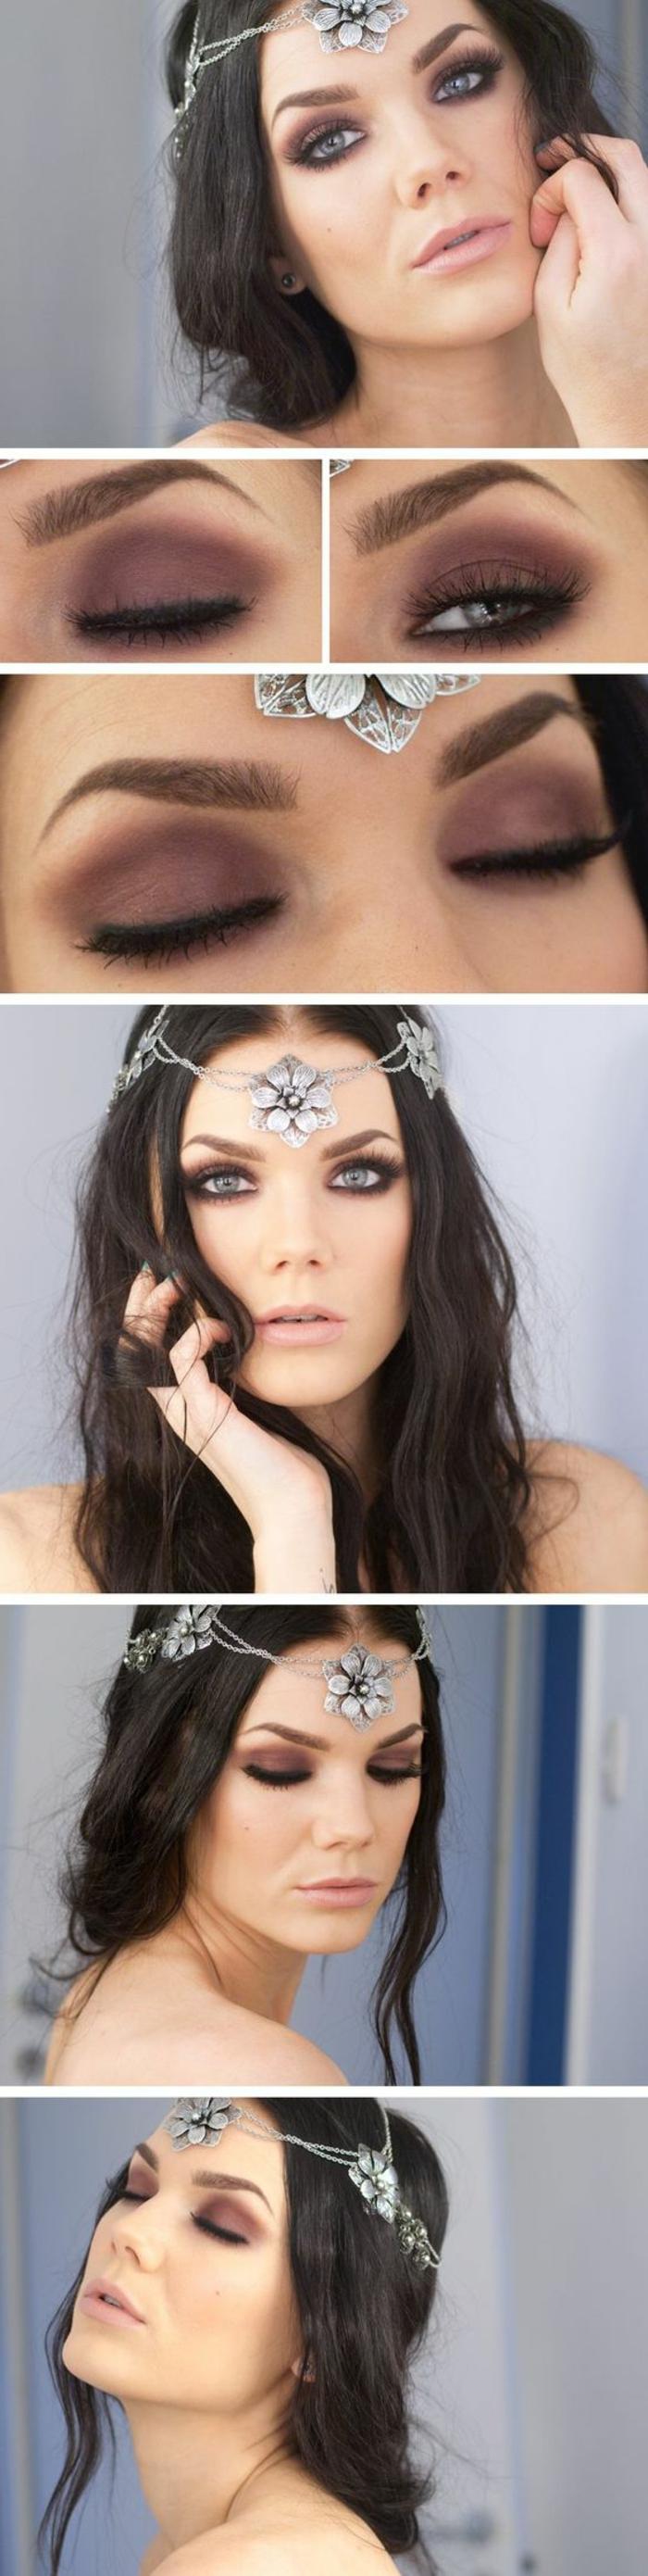 como-maquillarse-los-ojos-en-tono-violeta-ojos-azules-negro-bajo-el-ojo